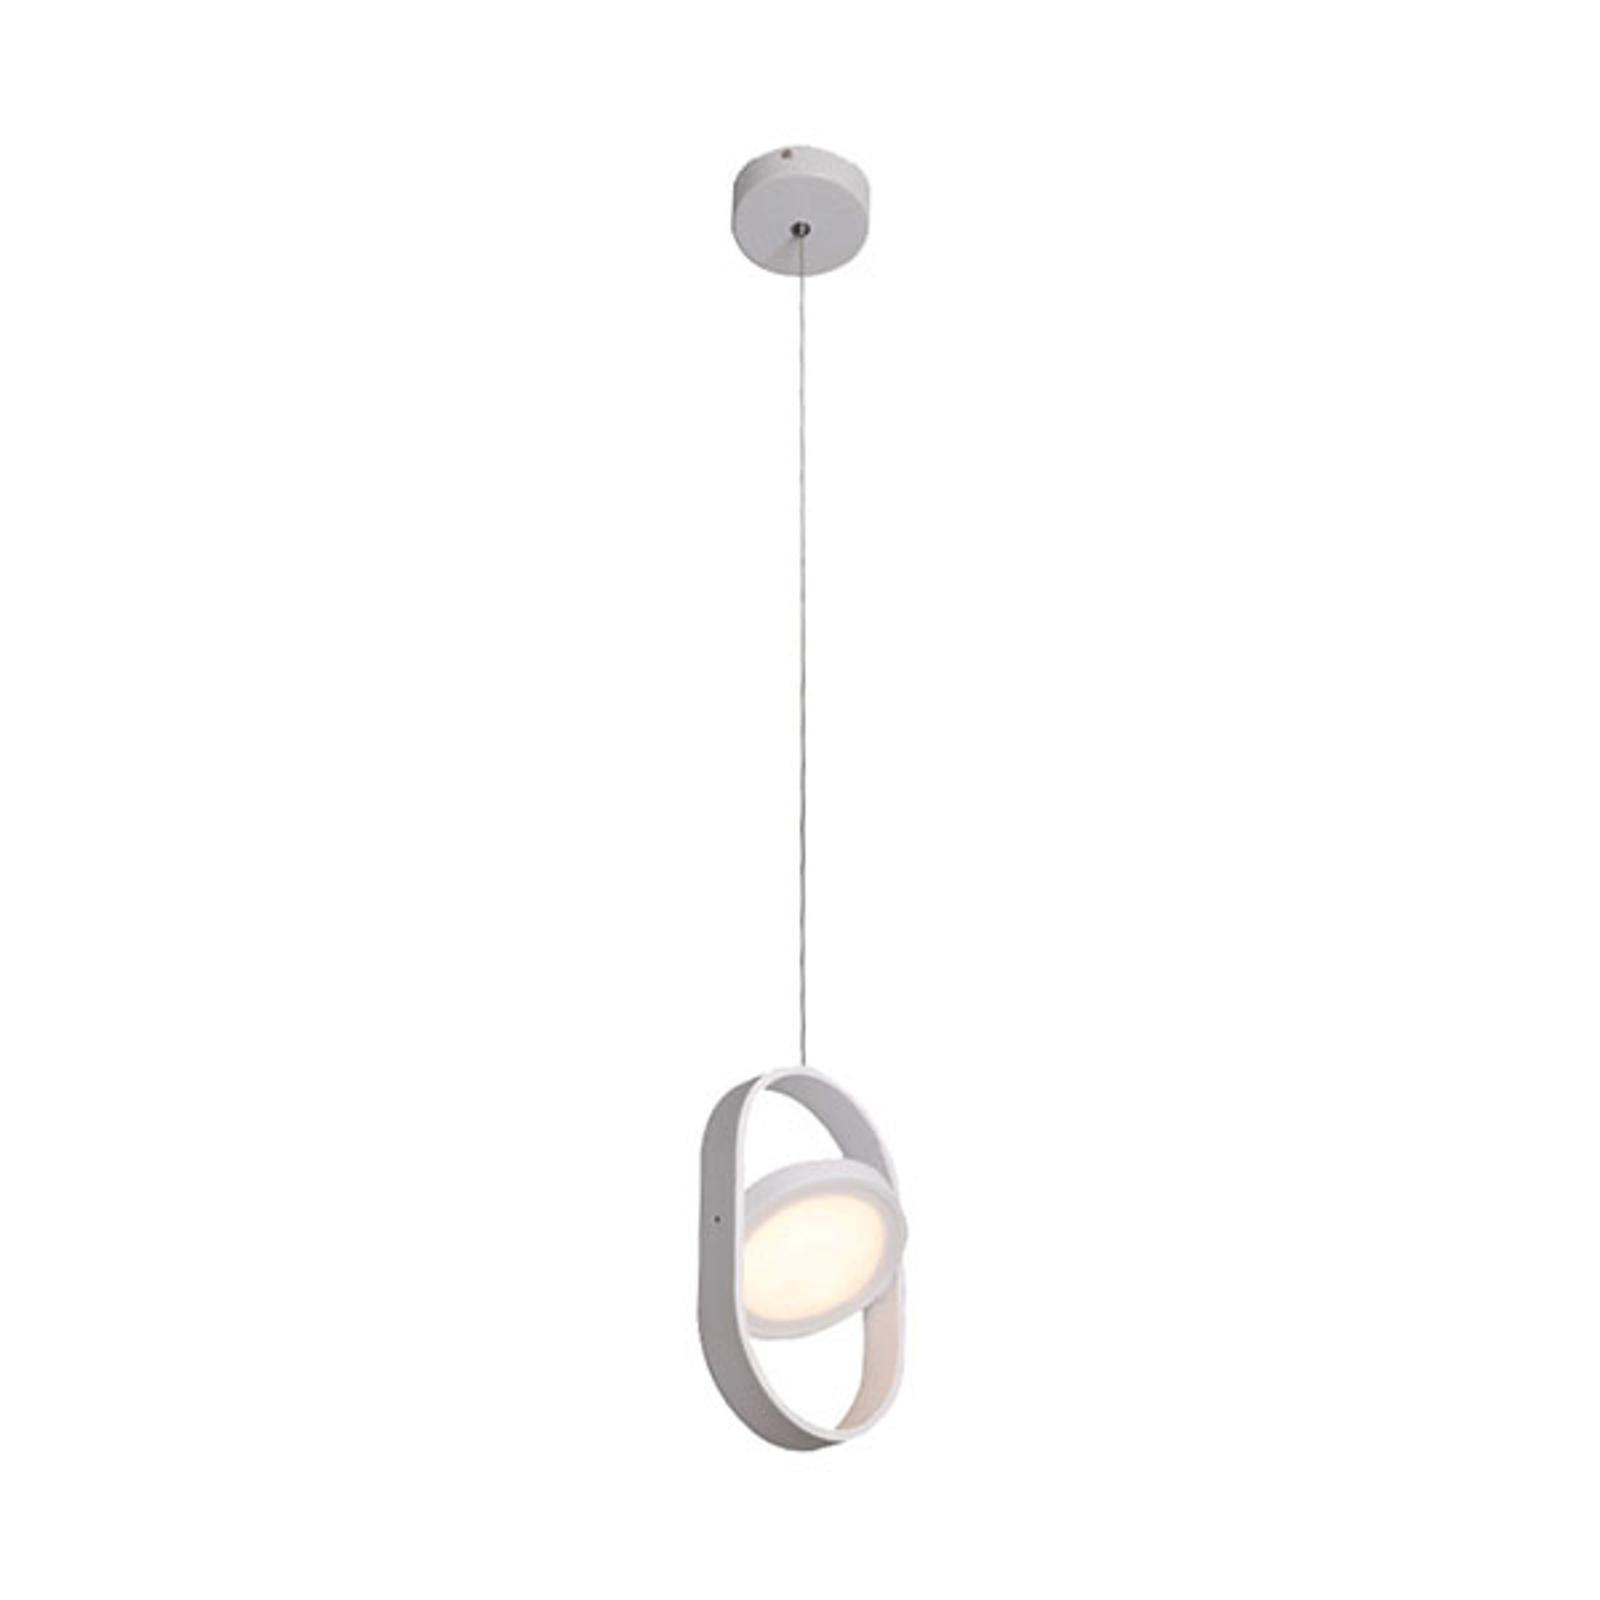 Lampa wisząca LED Rena, wychylana, biała